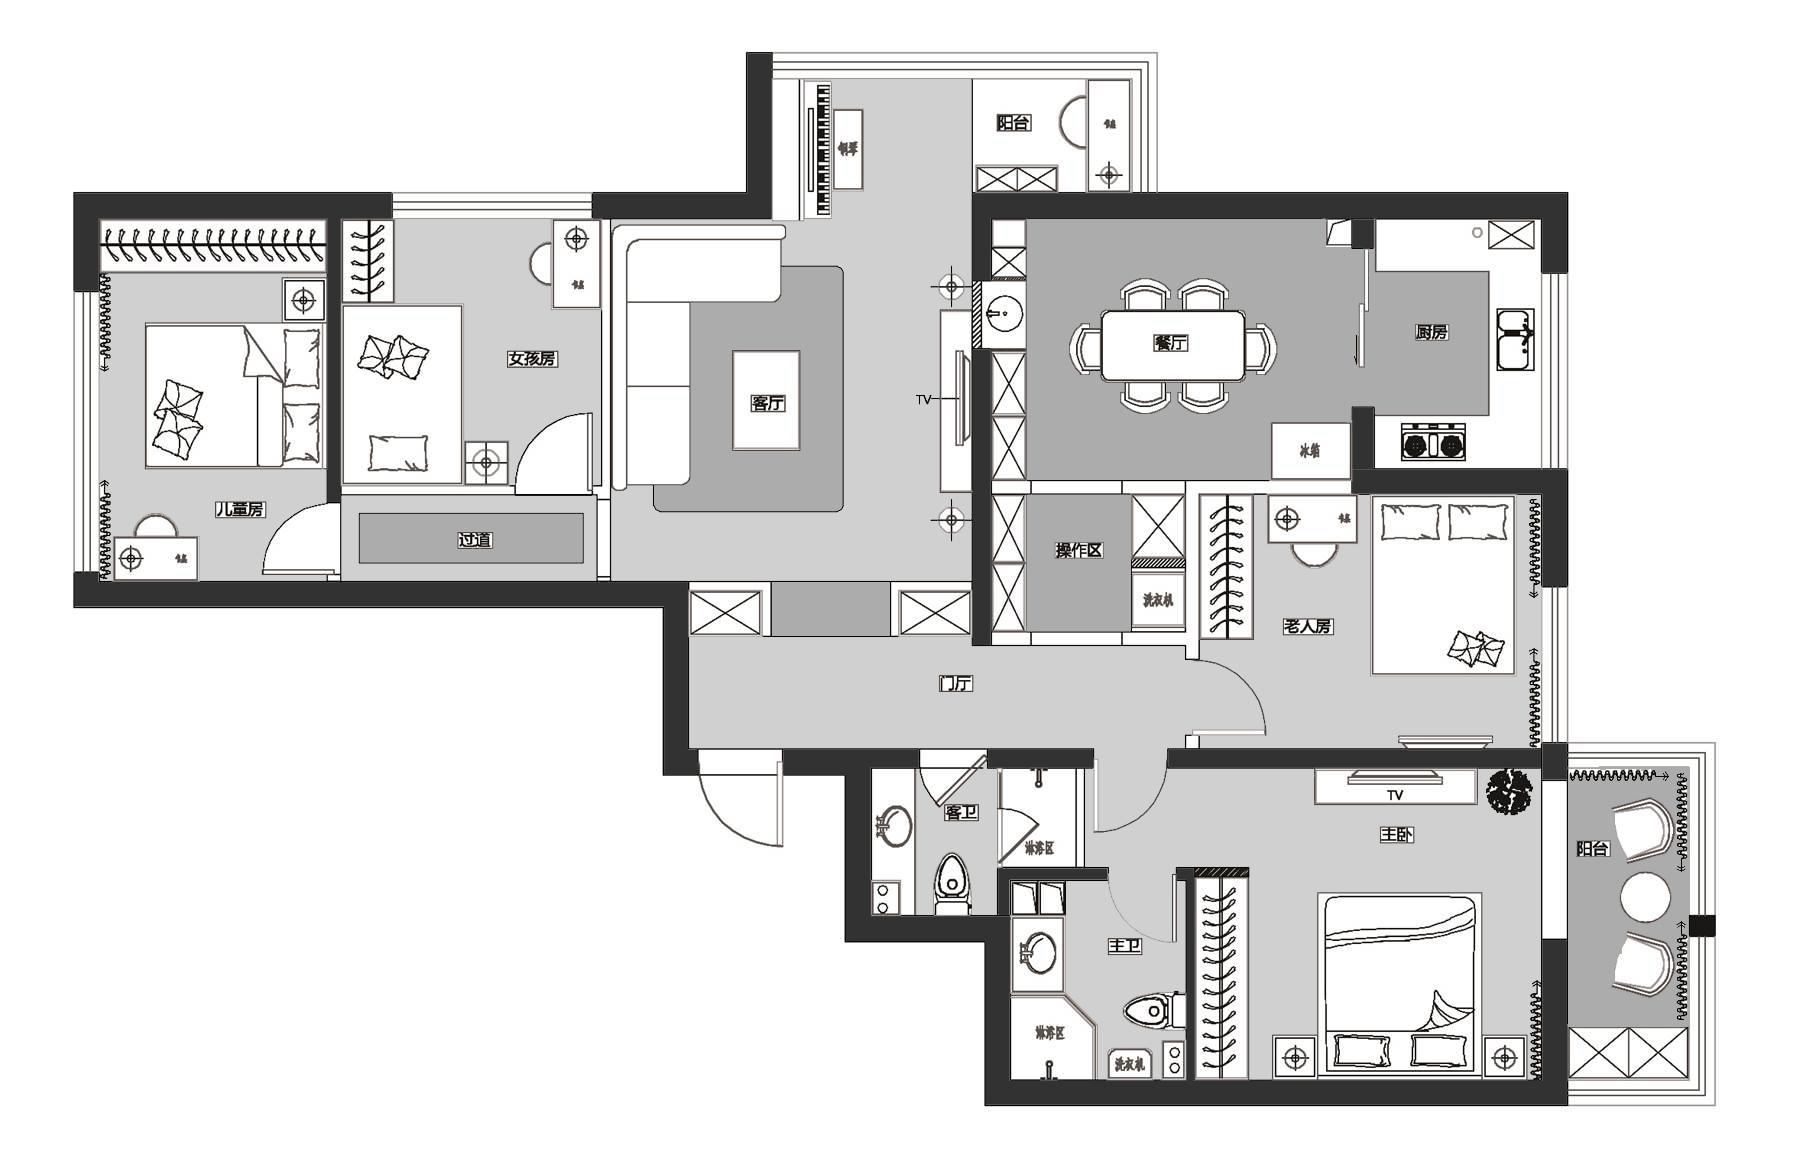 新奥洋房-120平米-简约风格-装修效果图装修设计理念